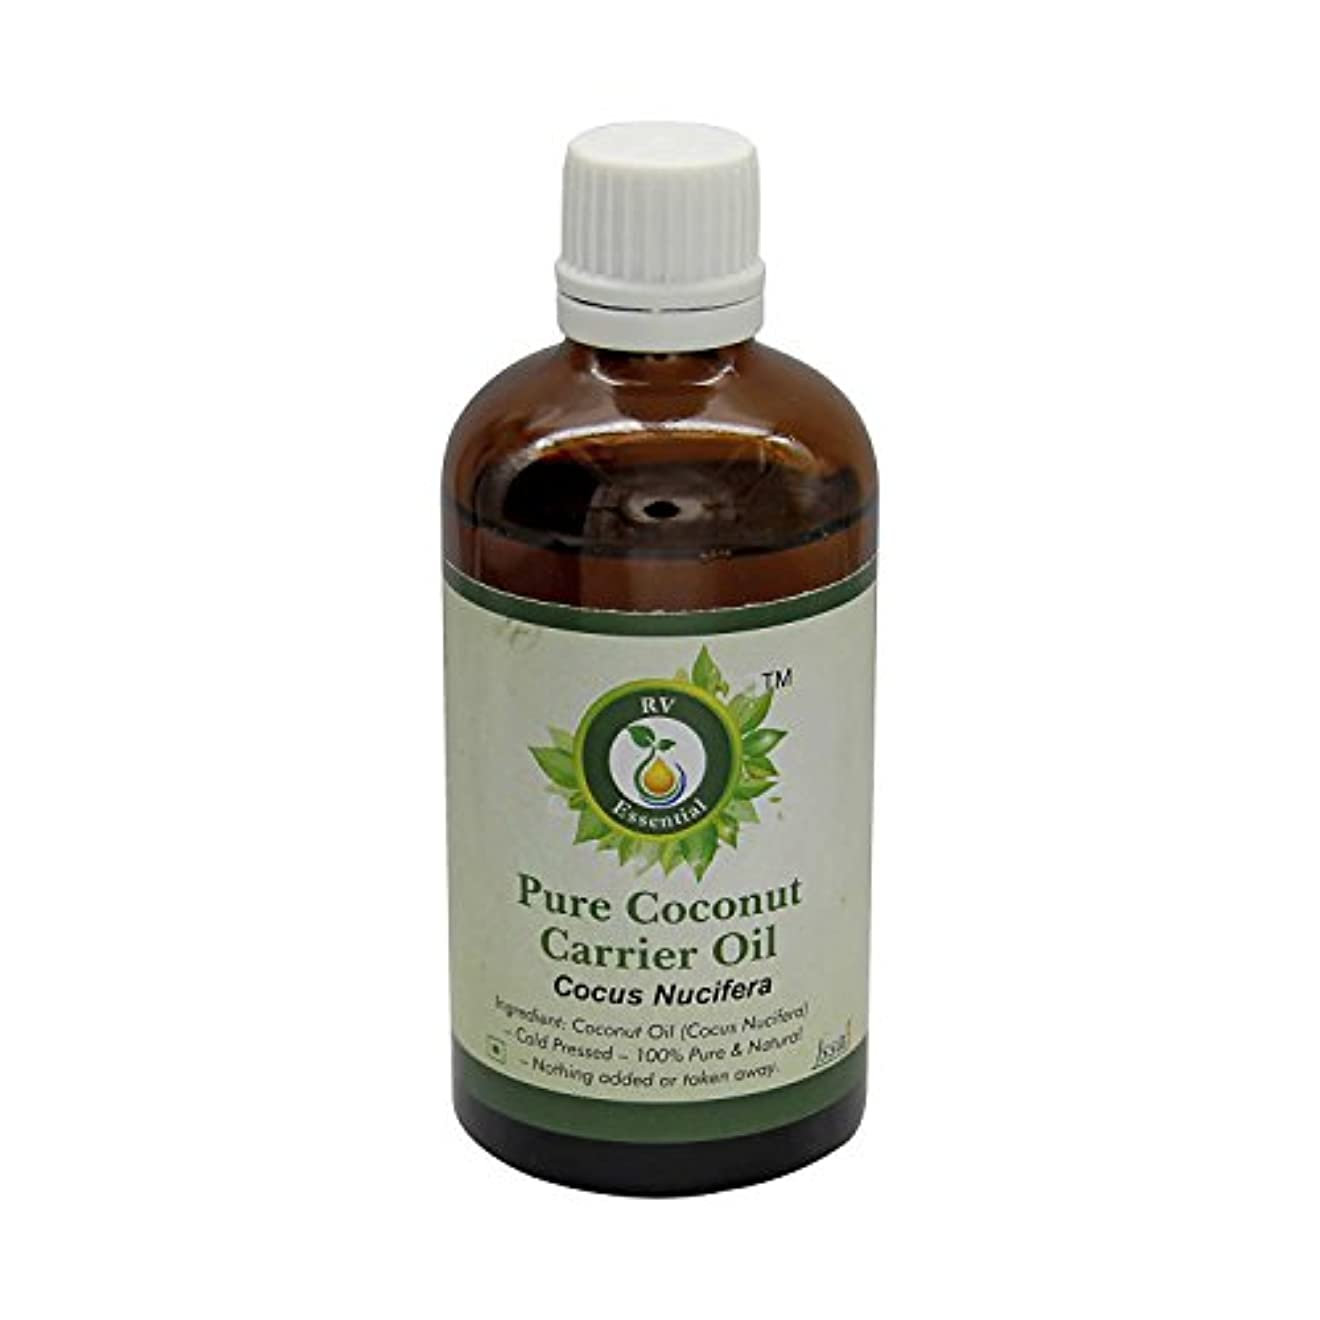 できれば検査官木R V Essential 純粋なココナッツキャリアオイル15ml (0.507oz)- Cocus Nucifera (100%ピュア&ナチュラルコールドPressed) Pure Coconut Carrier Oil